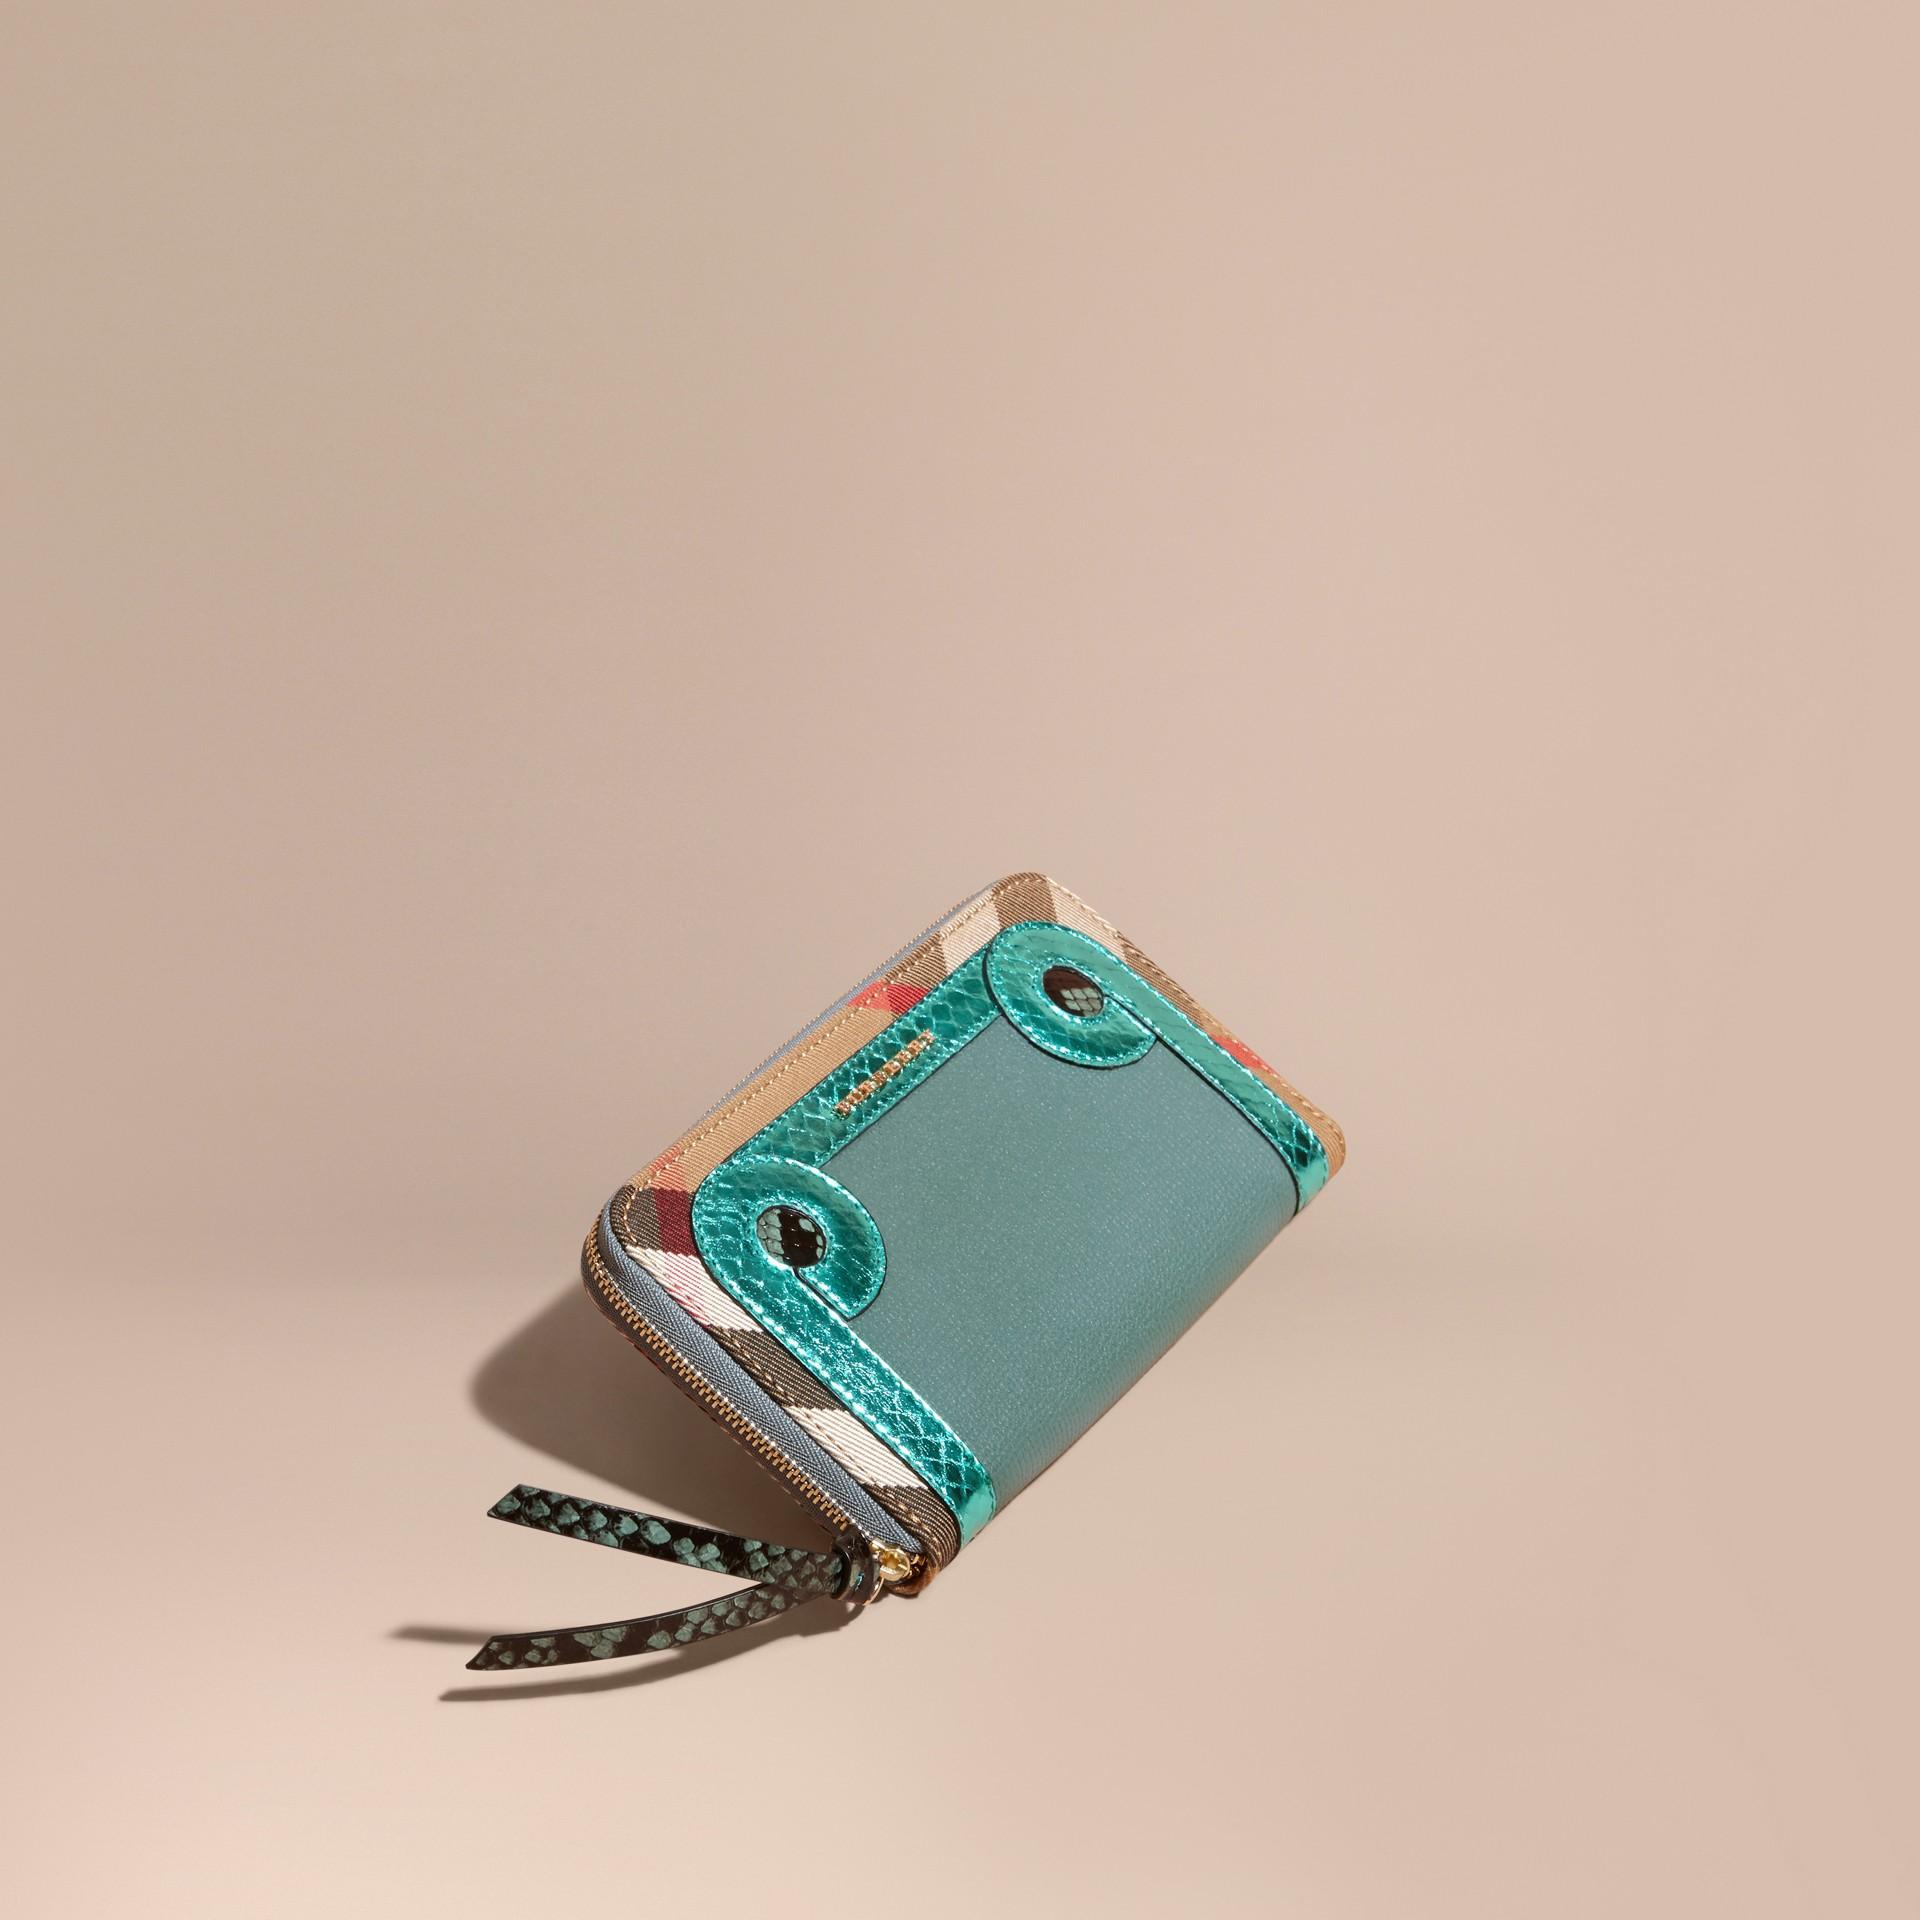 Azul celadón Cartera con cremallera perimetral en piel de serpiente y House Checks Azul Celadón - imagen de la galería 1